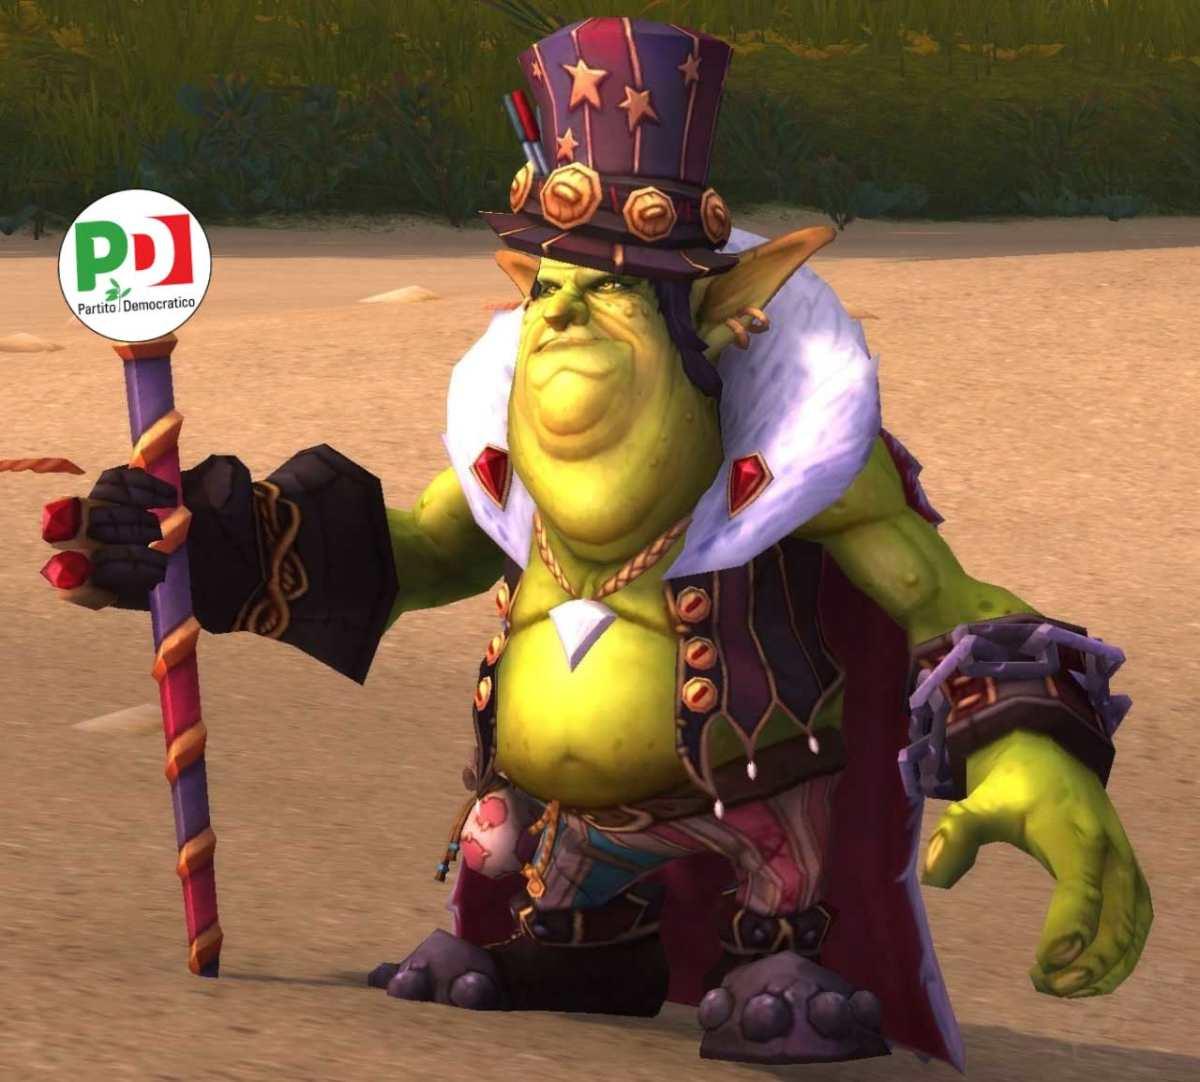 Il segretario del PD versione World of Warcraft. Noioso pure li!